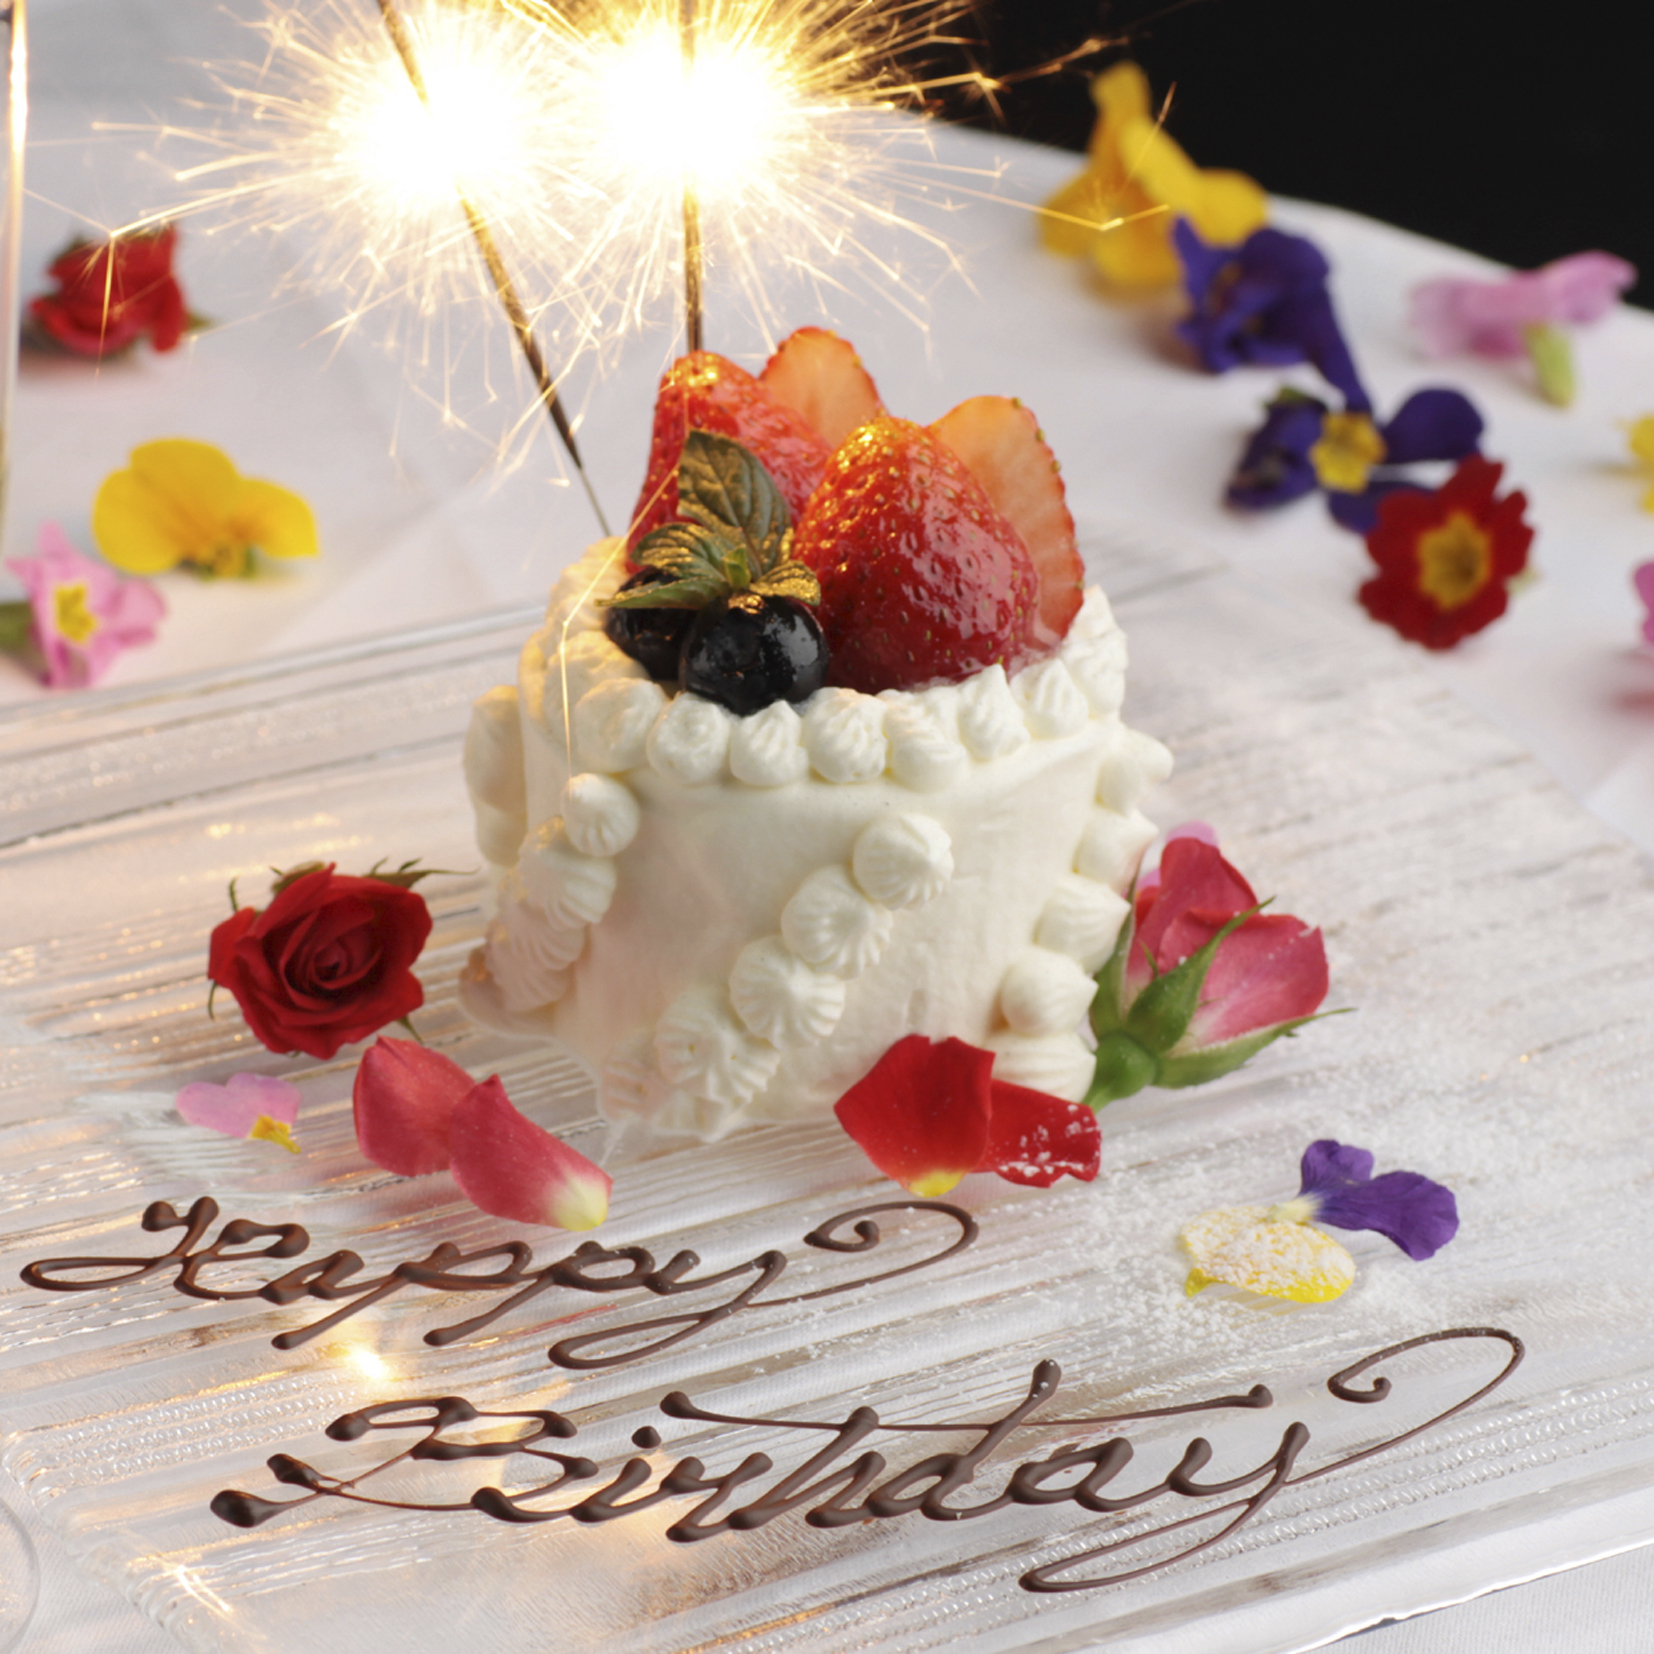 [お料理のみ] 【乾杯スパークリングワイン×記念日ケーキ付】豪華記念日コース7品